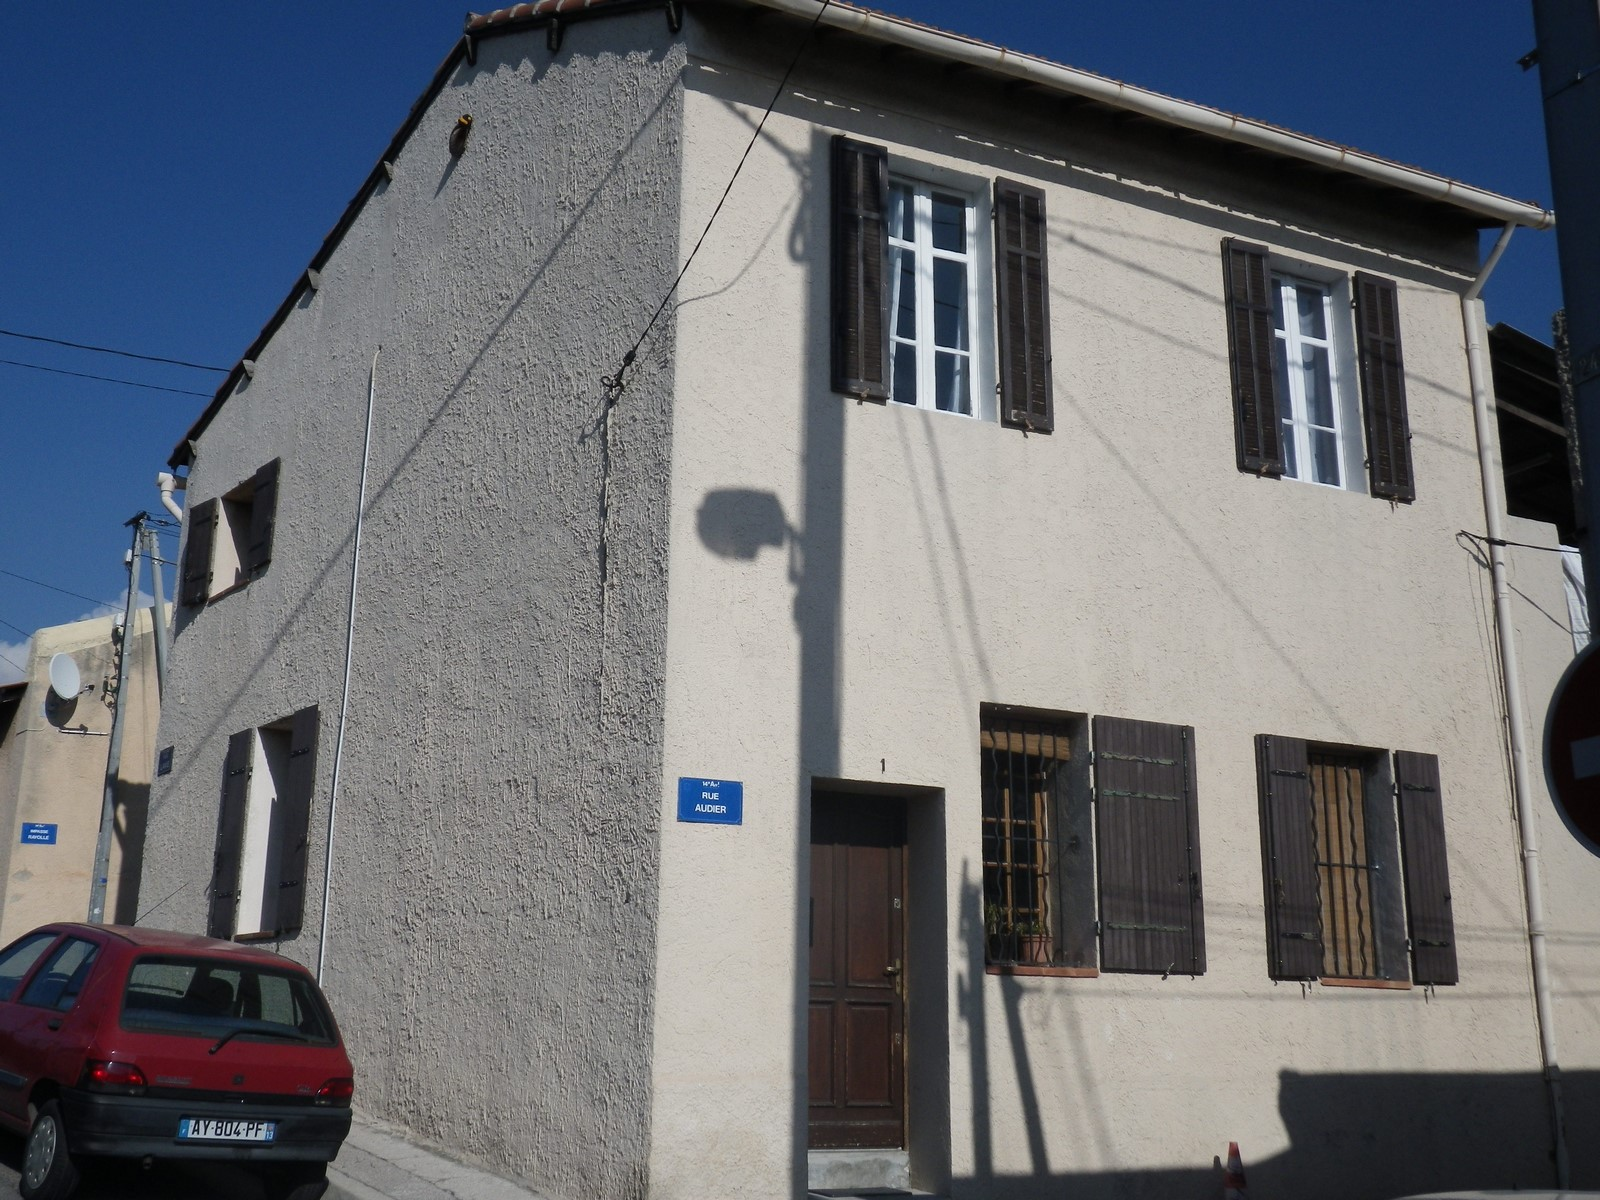 Vente maison de ville avec 2 habitations t3 t2 135m avec for Garage ouvert le samedi marseille